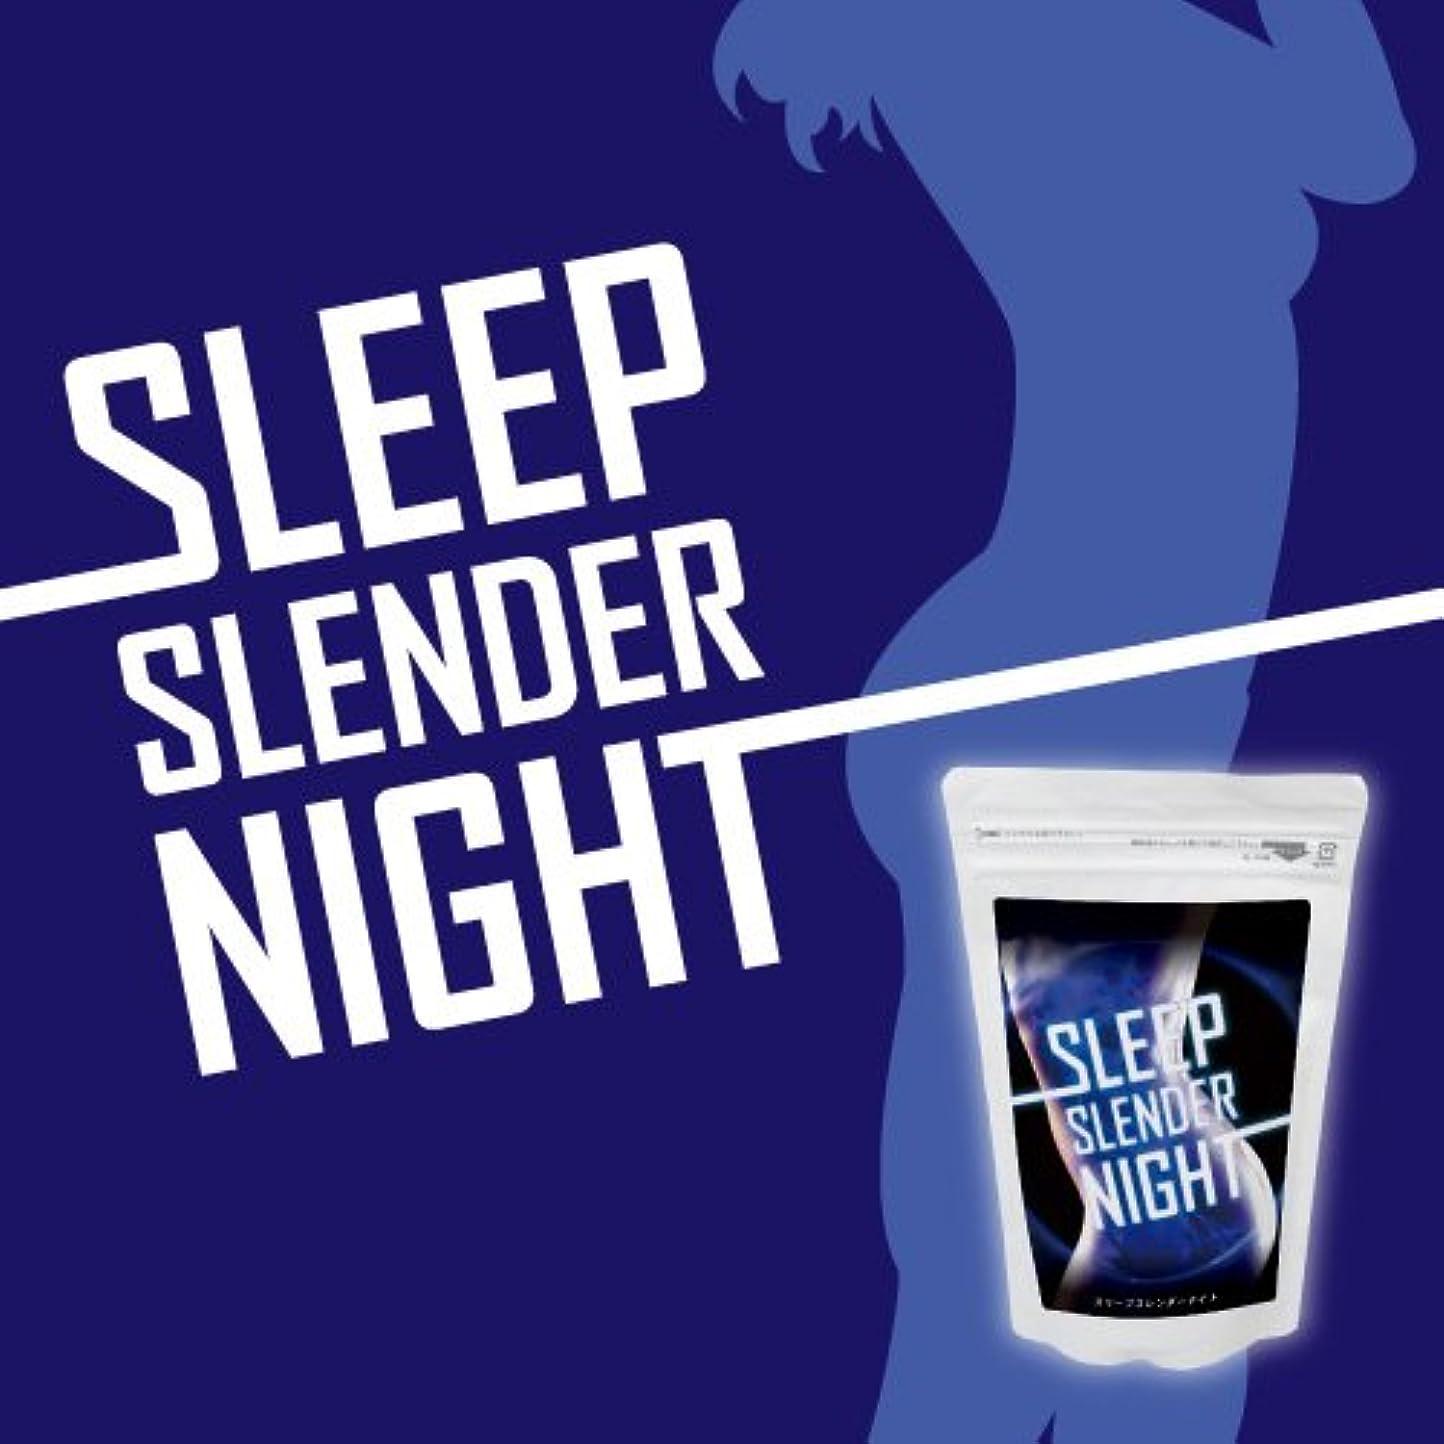 足枷胸のためにSleep Slender Night(スリープスレンダーナイト) ダイエット ダイエットサプリ 送料無料